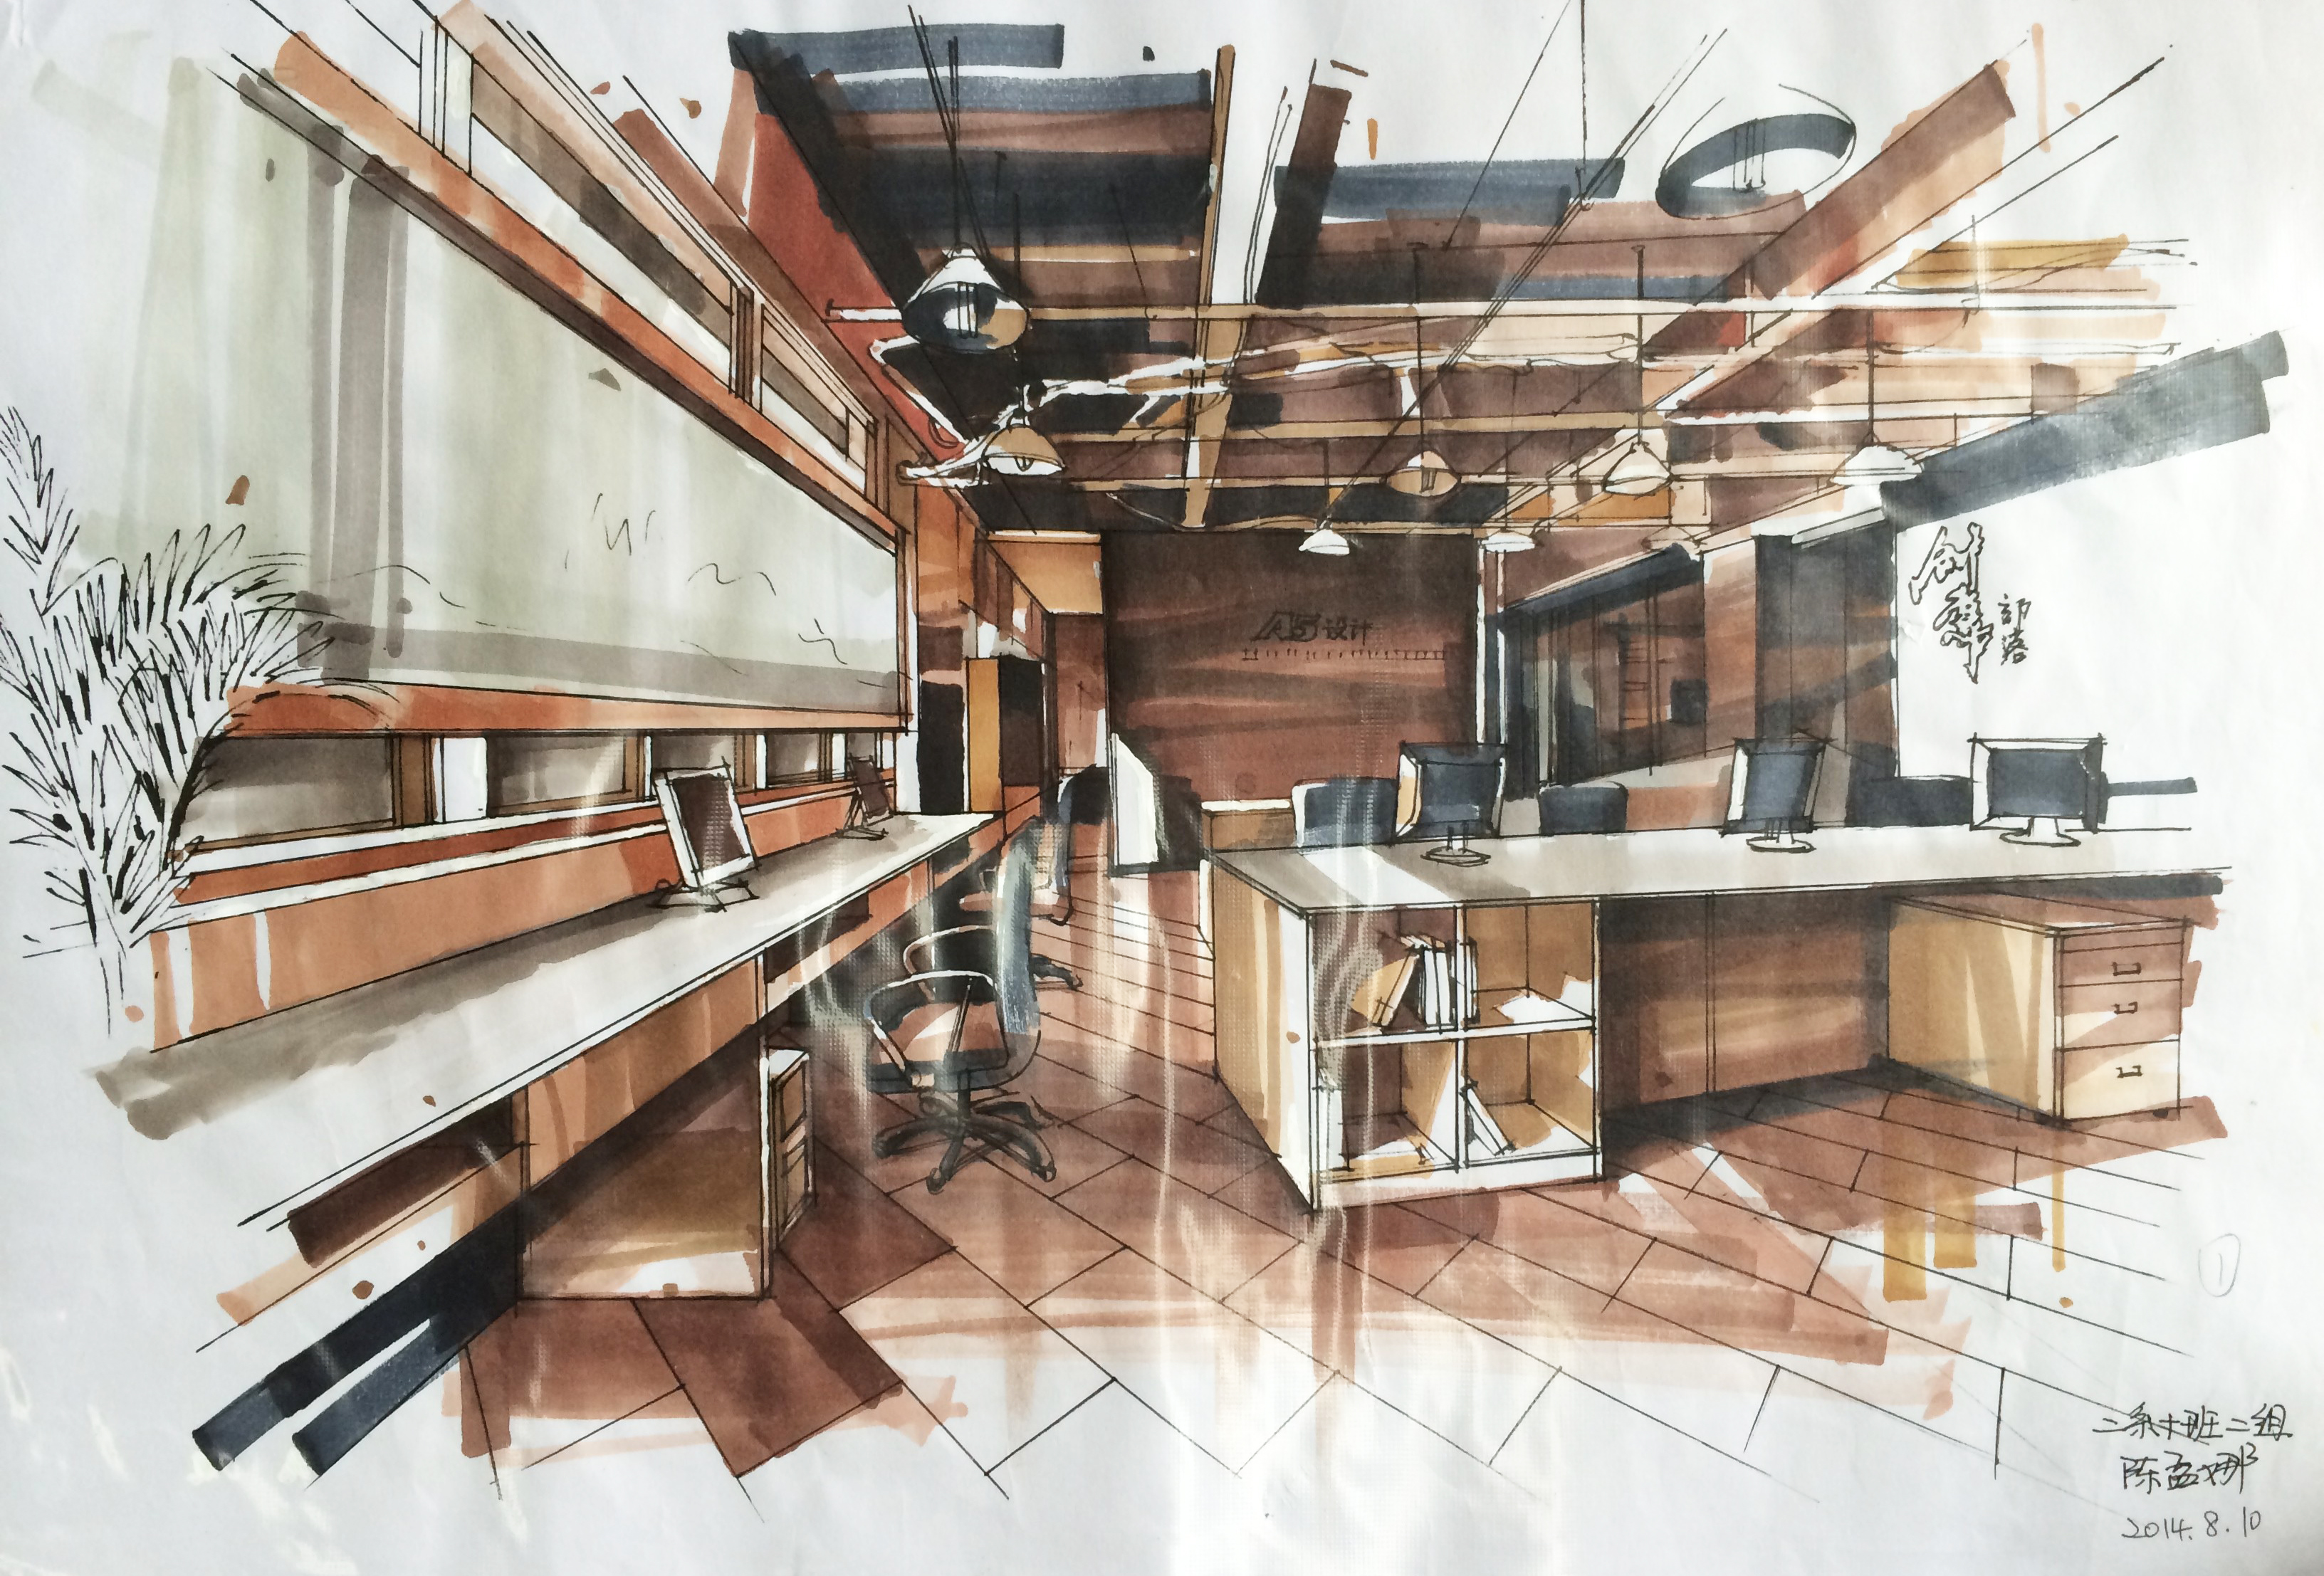 室内手绘|空间|室内设计|陈孟娜336699 - 原创作品